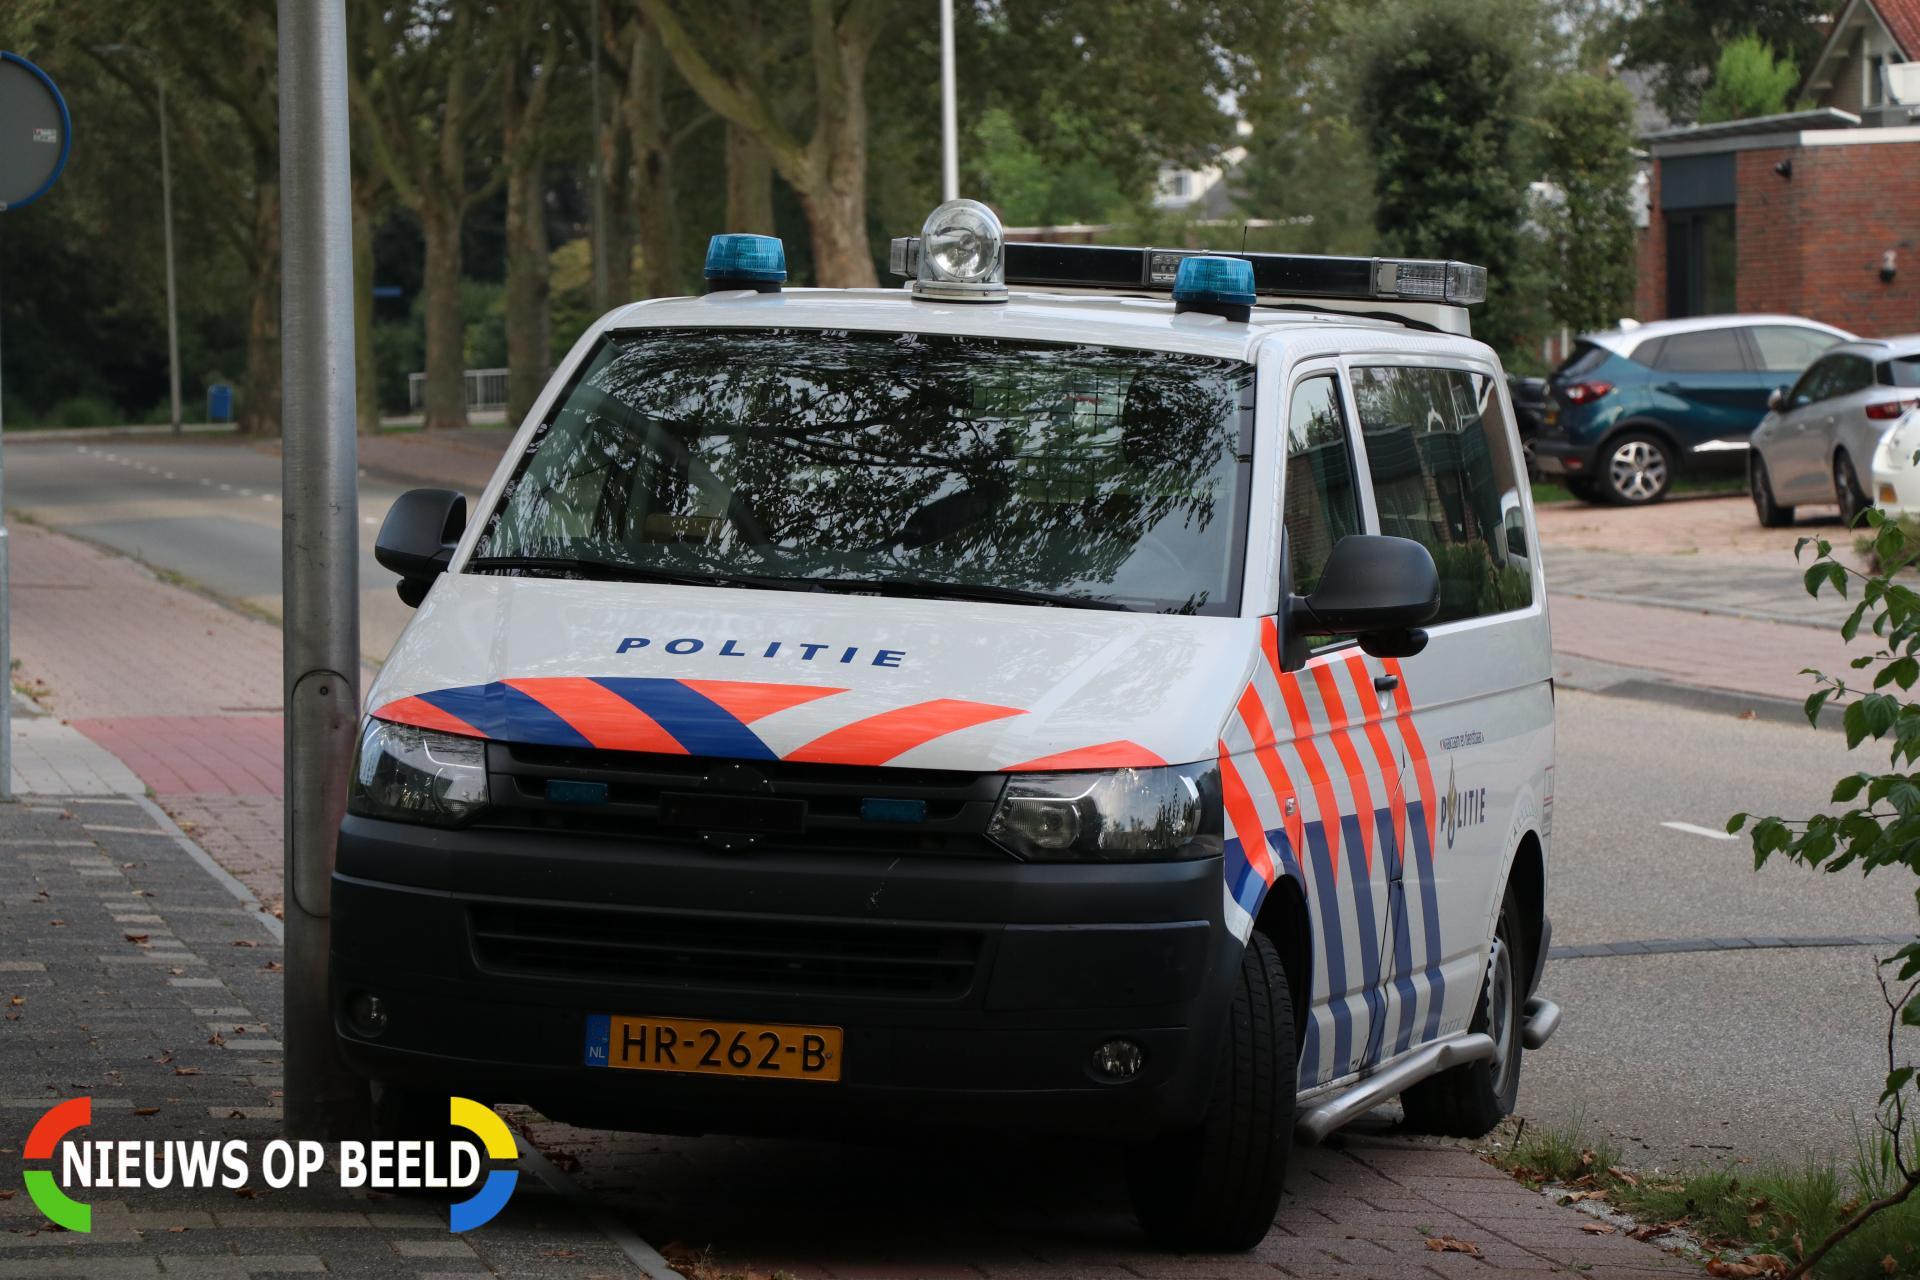 Politie zoekt getuigen schennispleging Loetbos Lekkerkerk